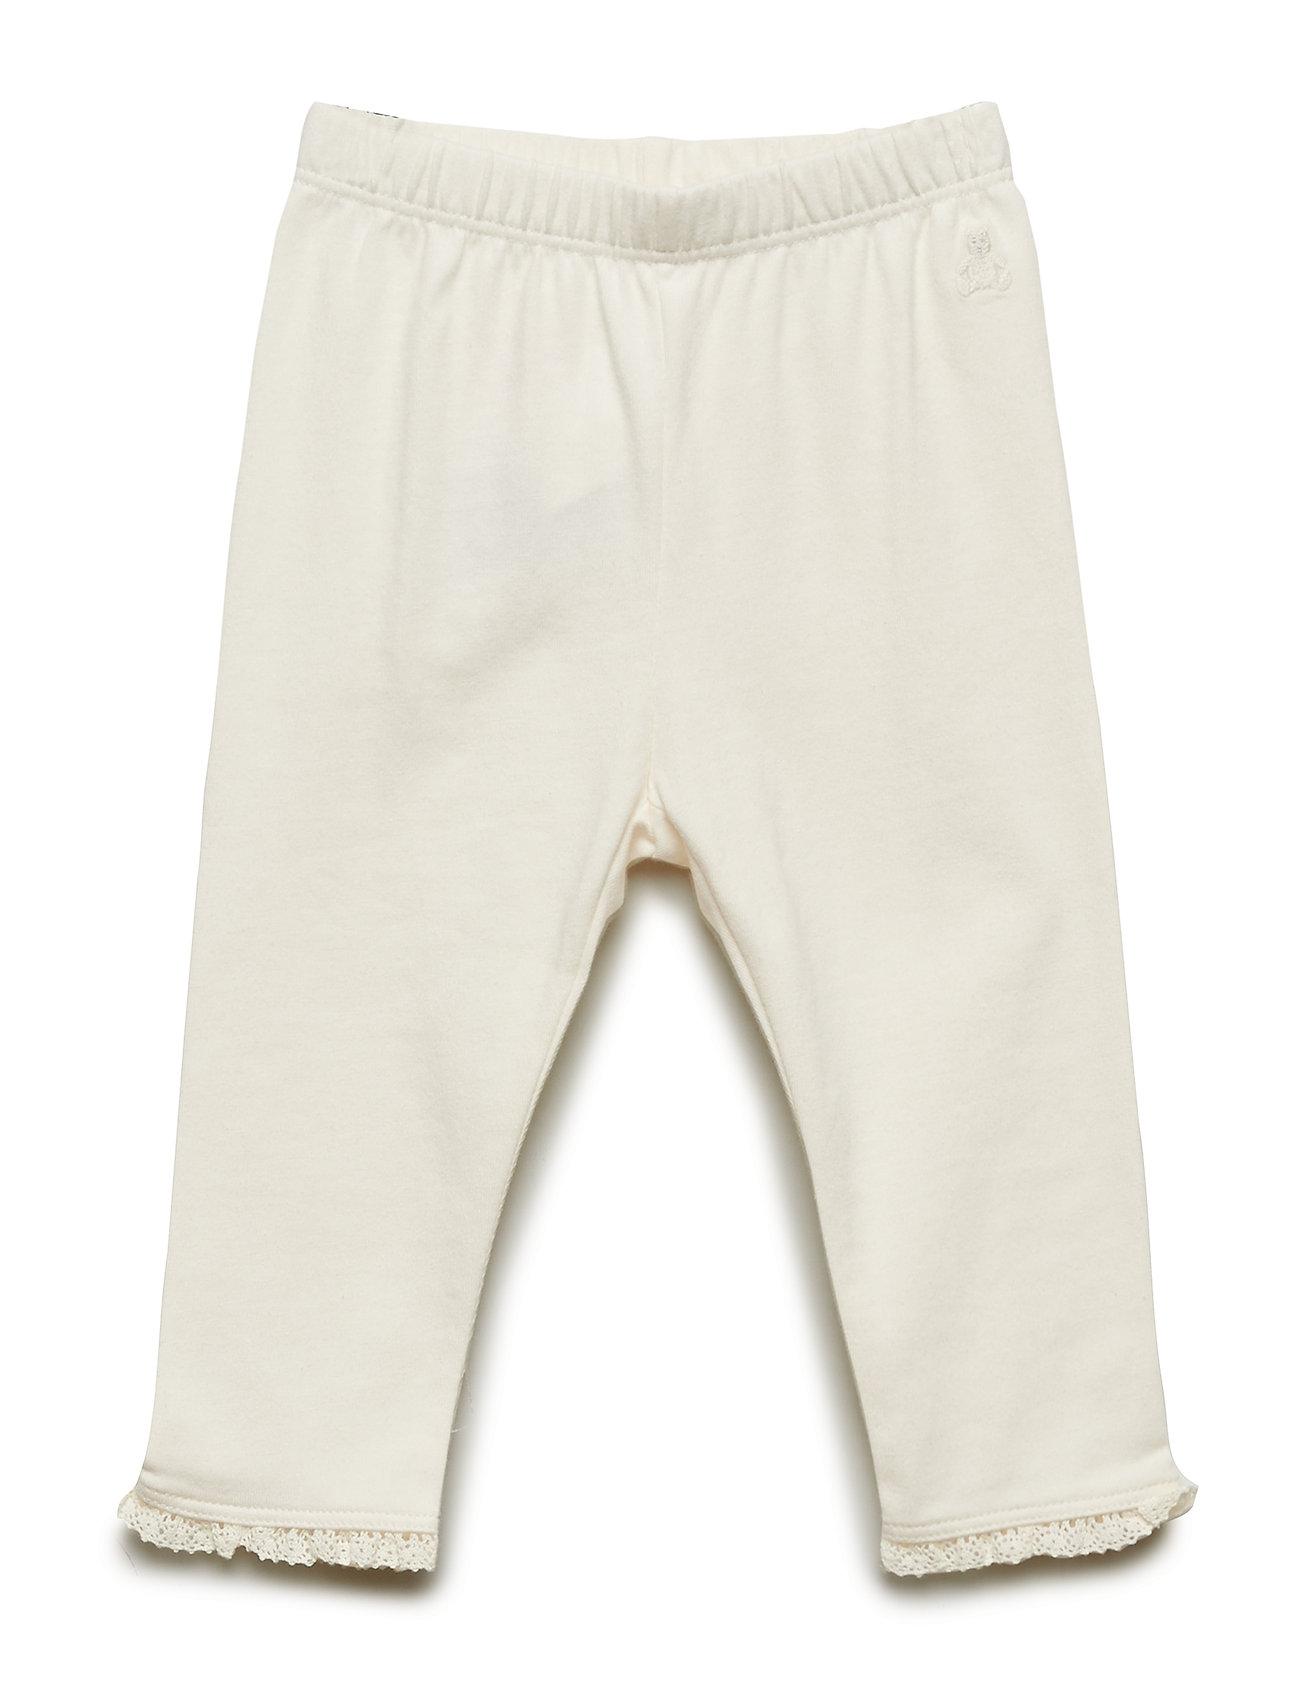 Image of Baby Lace-Trim Leggings Bukser GAP (3224972357)